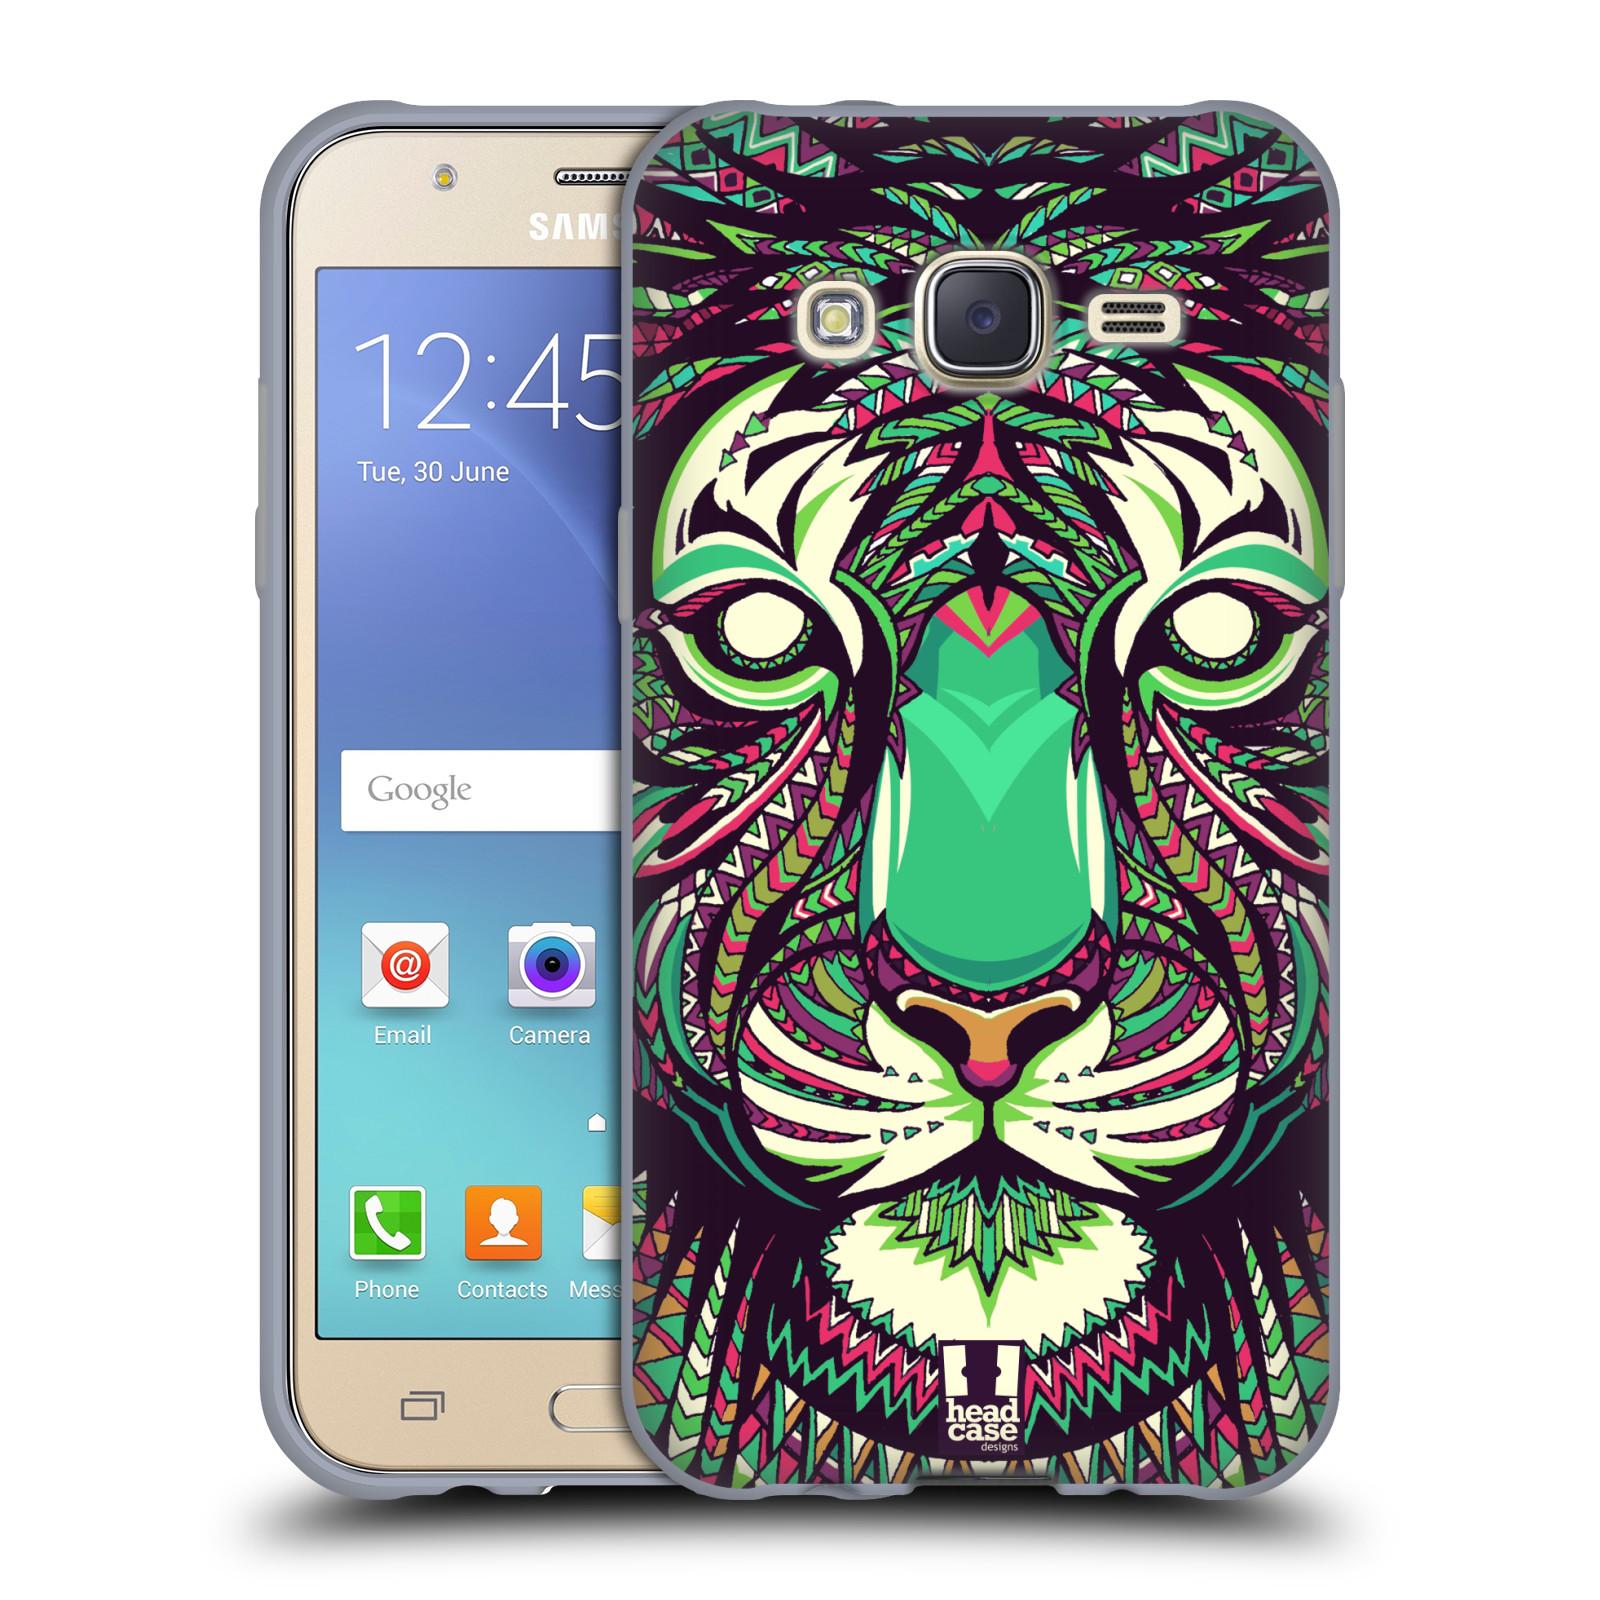 HEAD CASE silikonový obal na mobil Samsung Galaxy J5, J500, (J5 DUOS) vzor Aztécký motiv zvíře 2 tygr